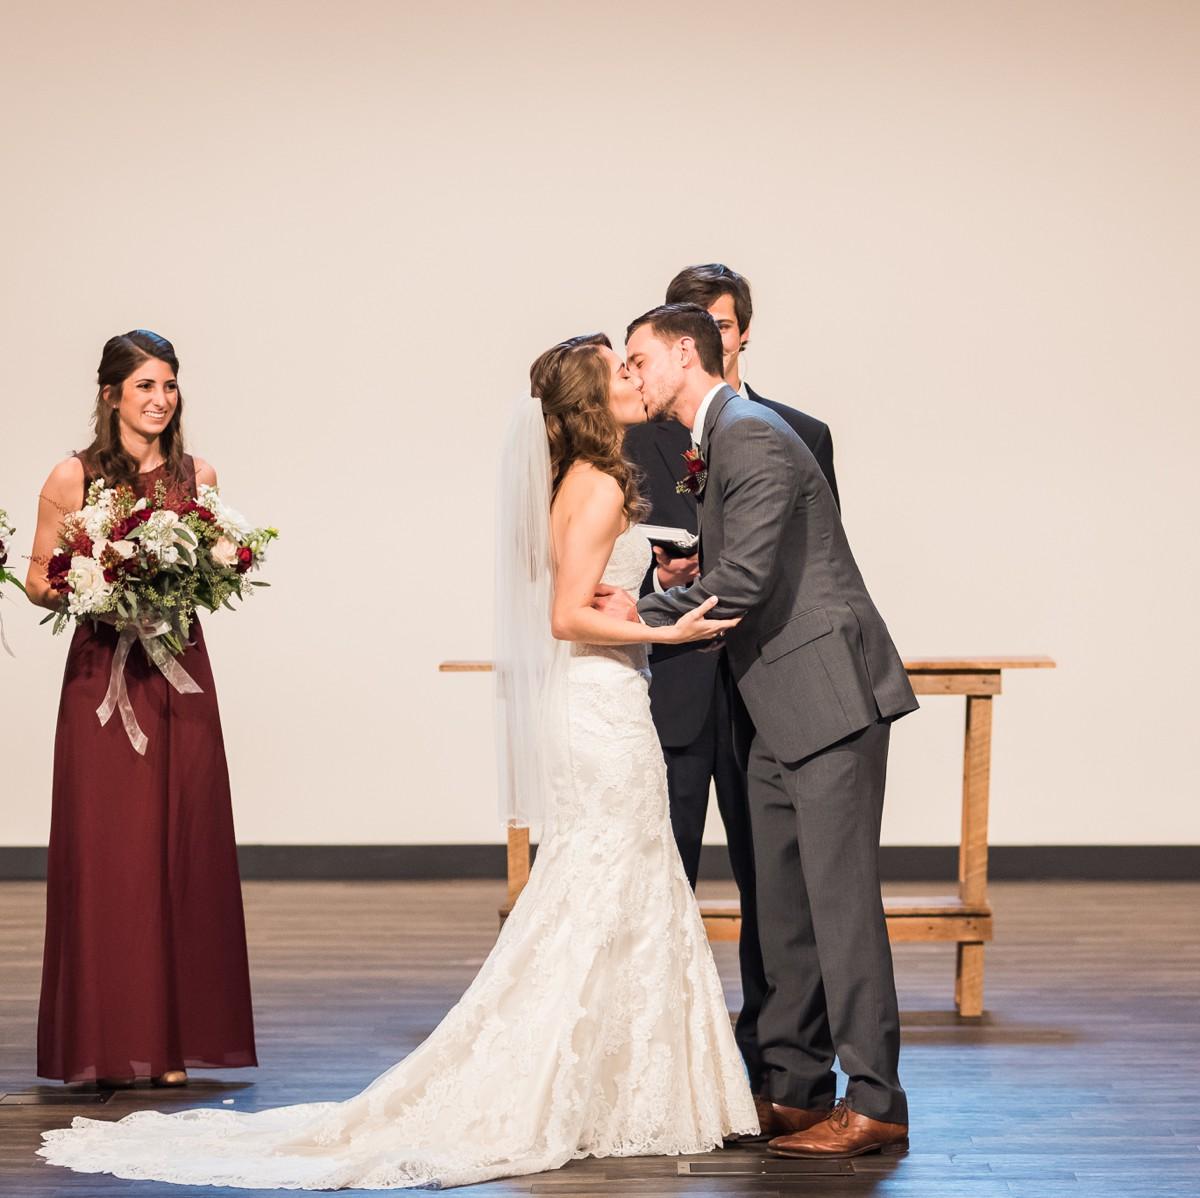 Lauren & Ross Wedding Photos at Majestic Metro